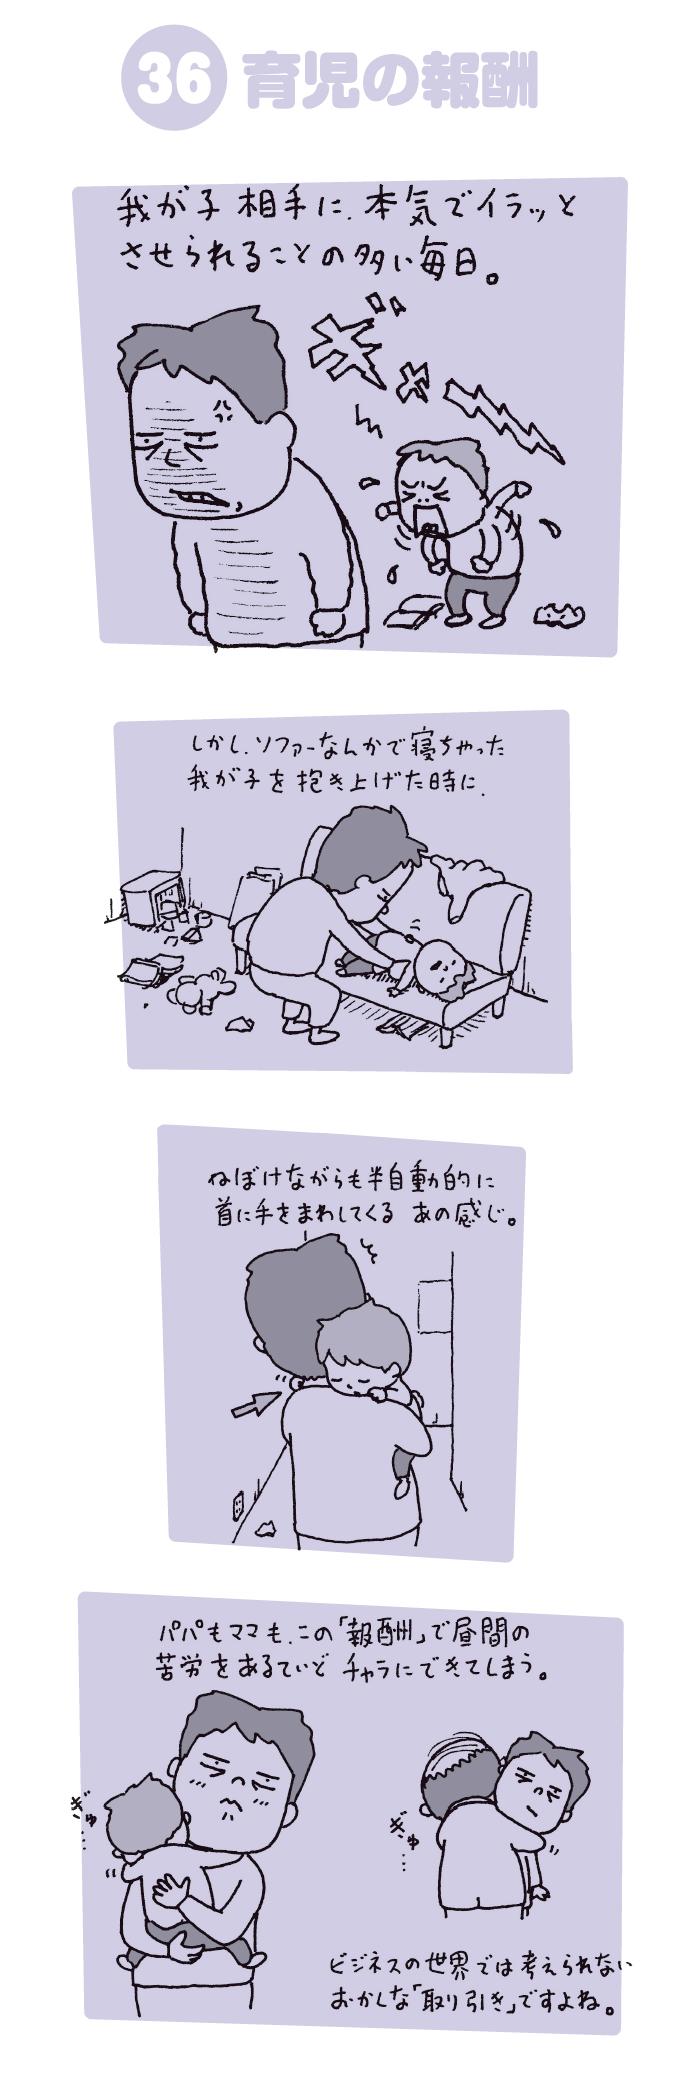 「親になるという事は…?」斬新な視点満載なヨシタケシンスケさんの育児マンガ!の画像7